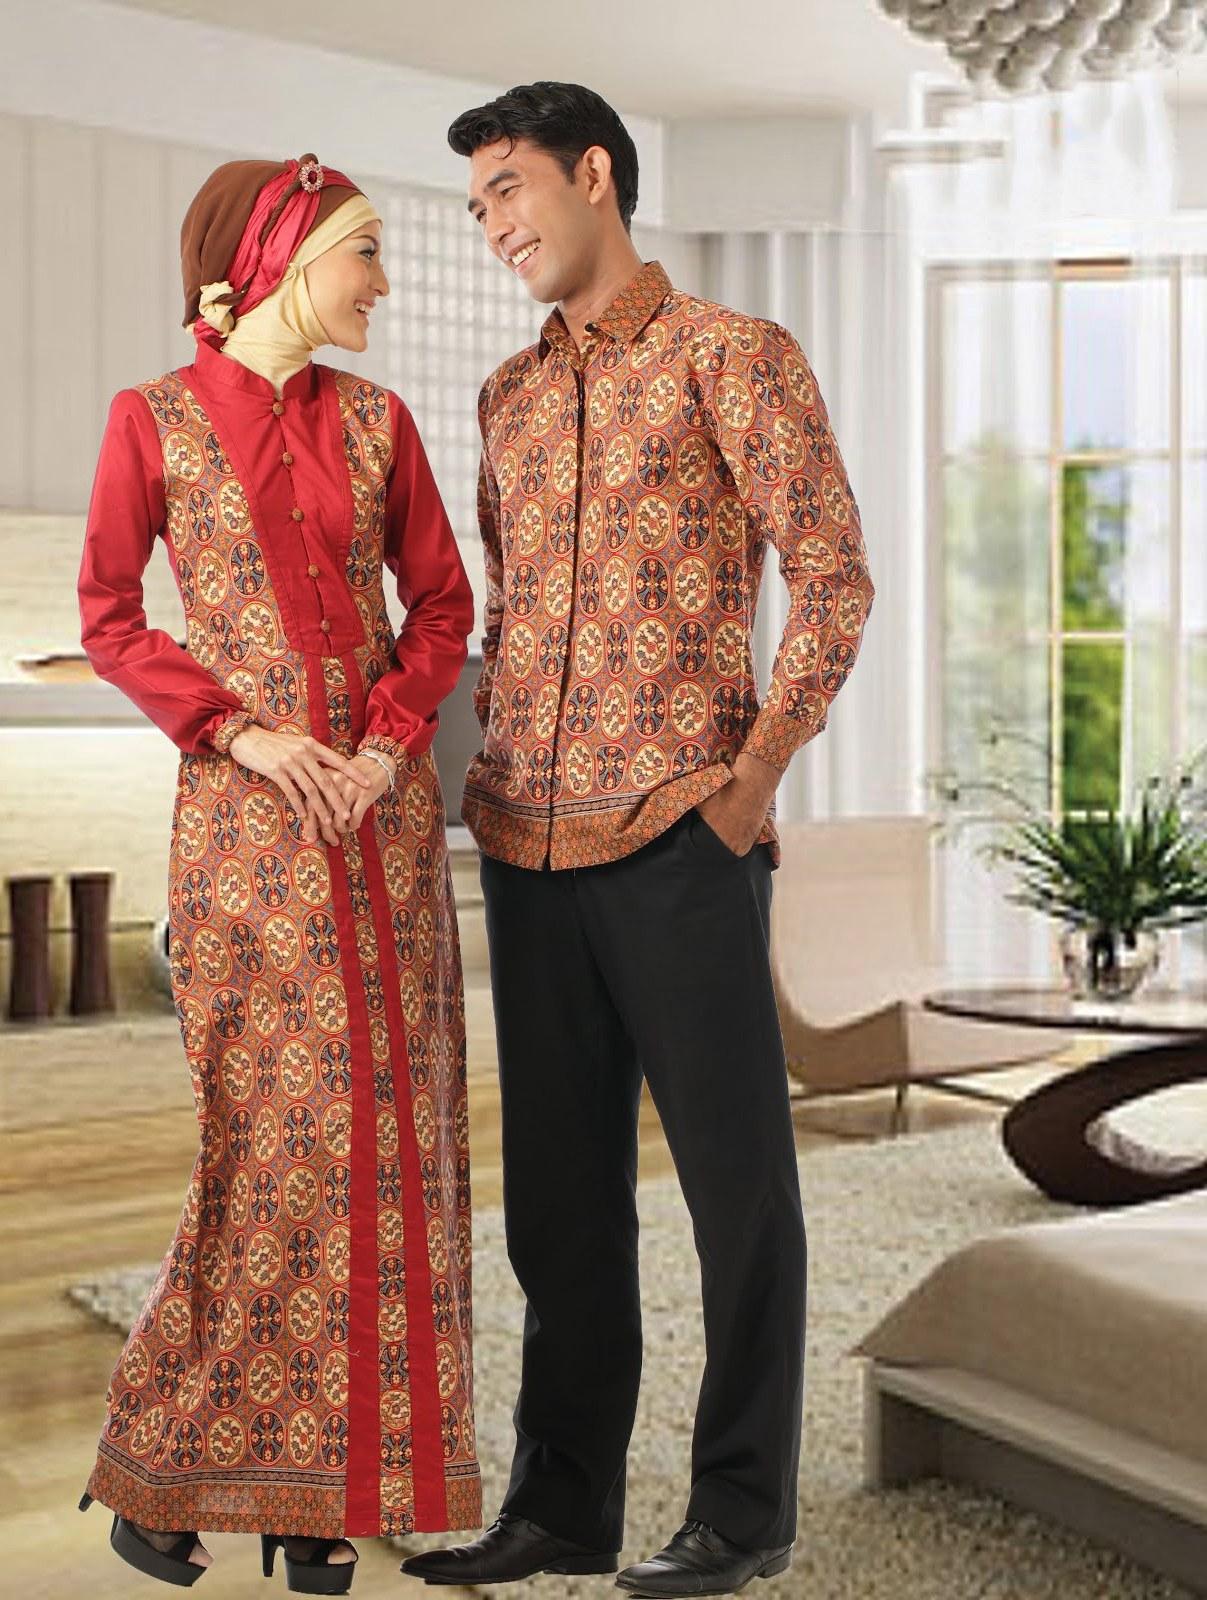 Ide Lihat Baju Lebaran Wddj Trend Model Baju Batik Lebaran Terbaru 2013